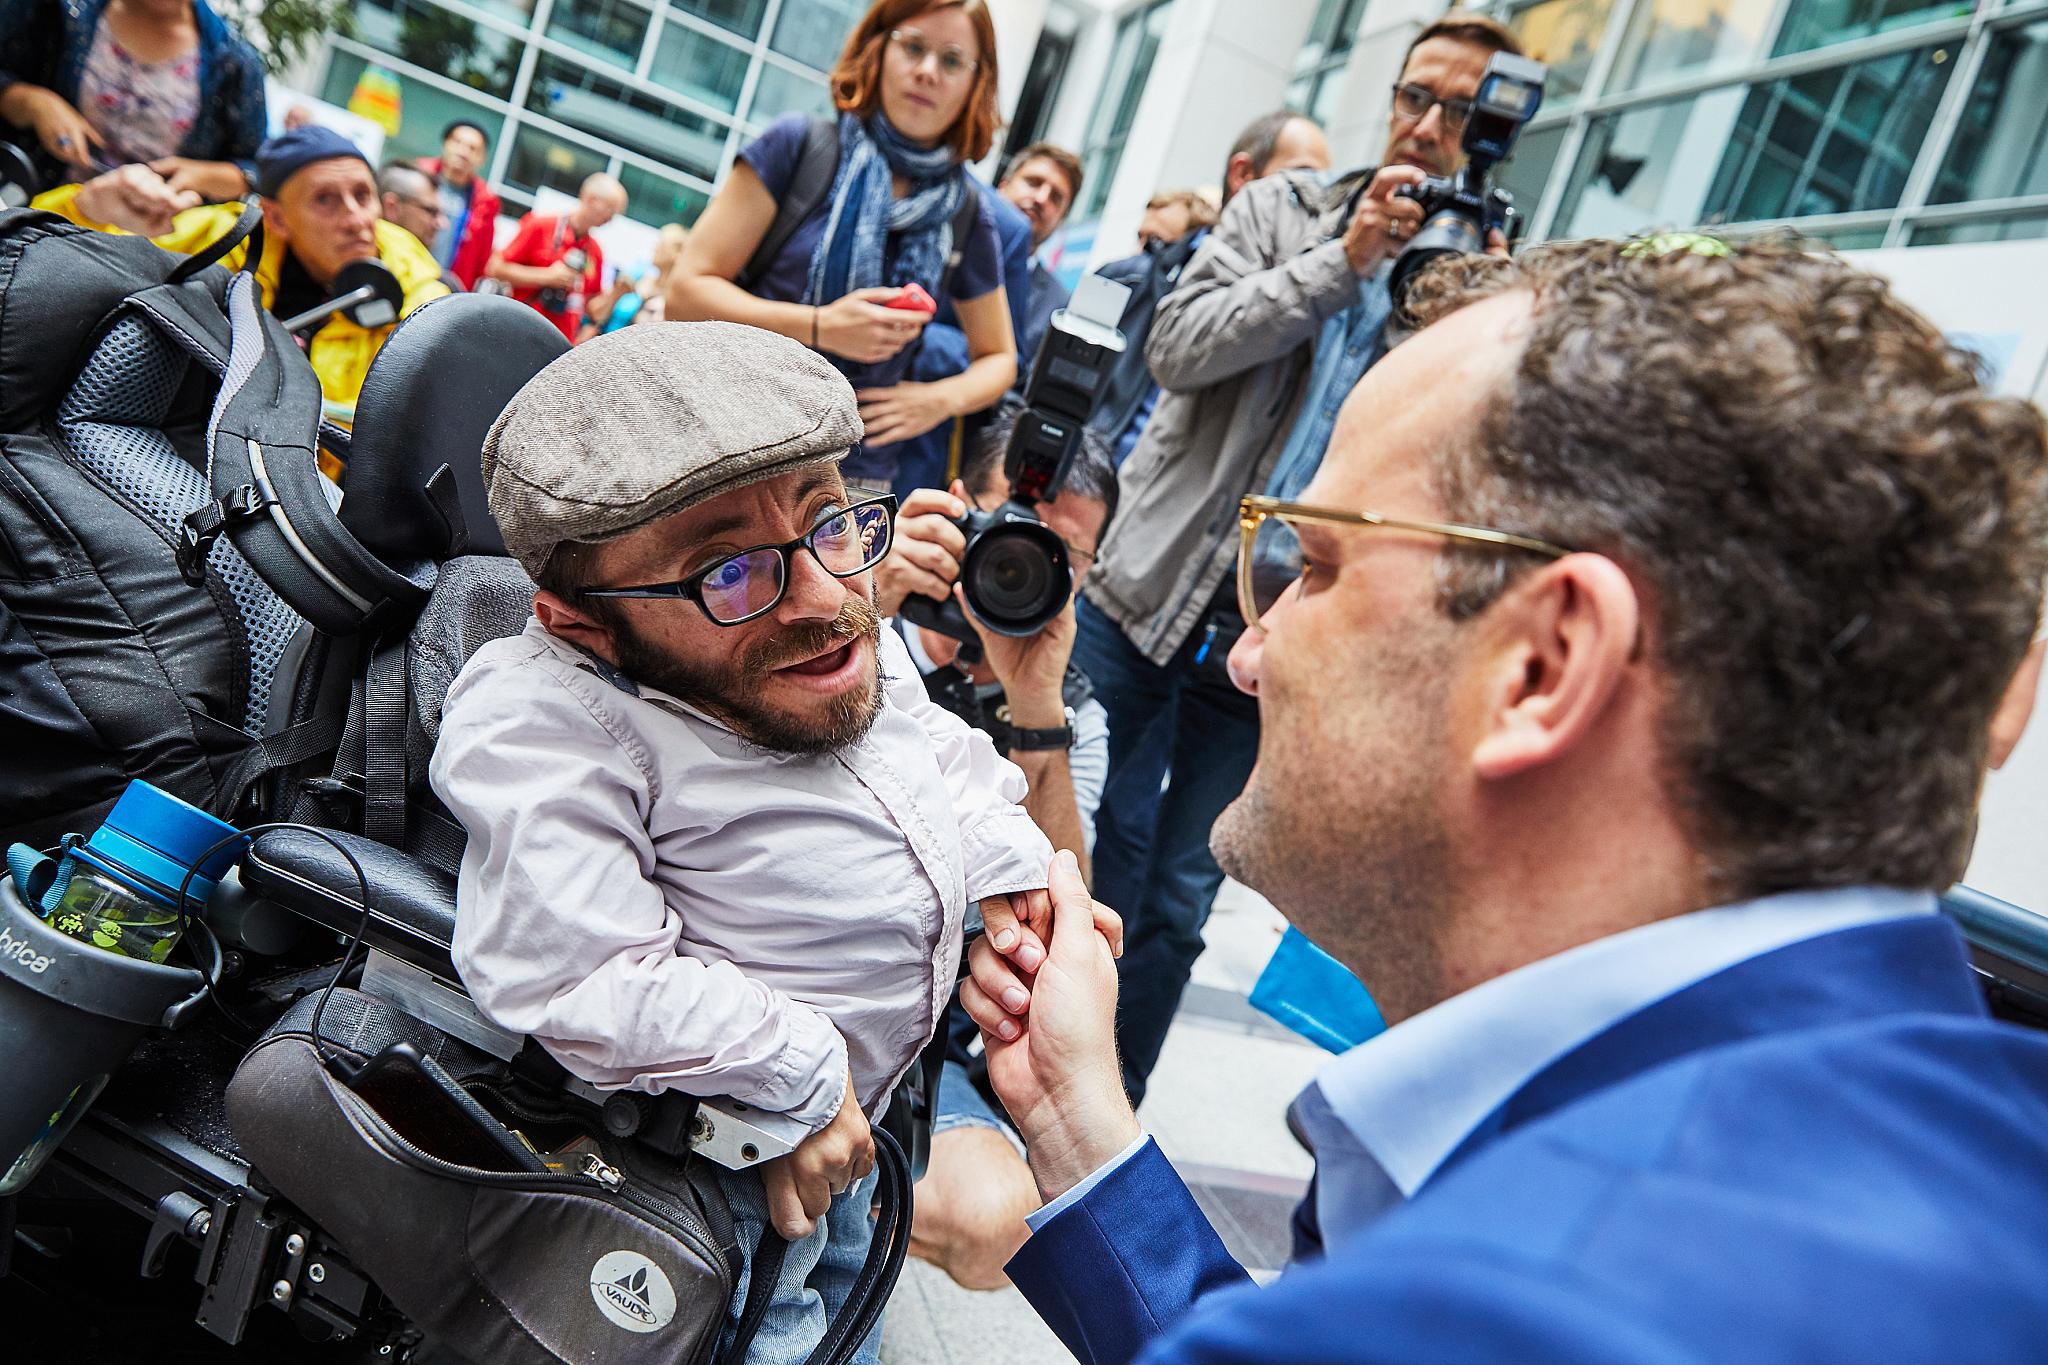 ein mann im rollstuhl und ein nichtbehinderter mann begegnen sich, einer geht in die hocke